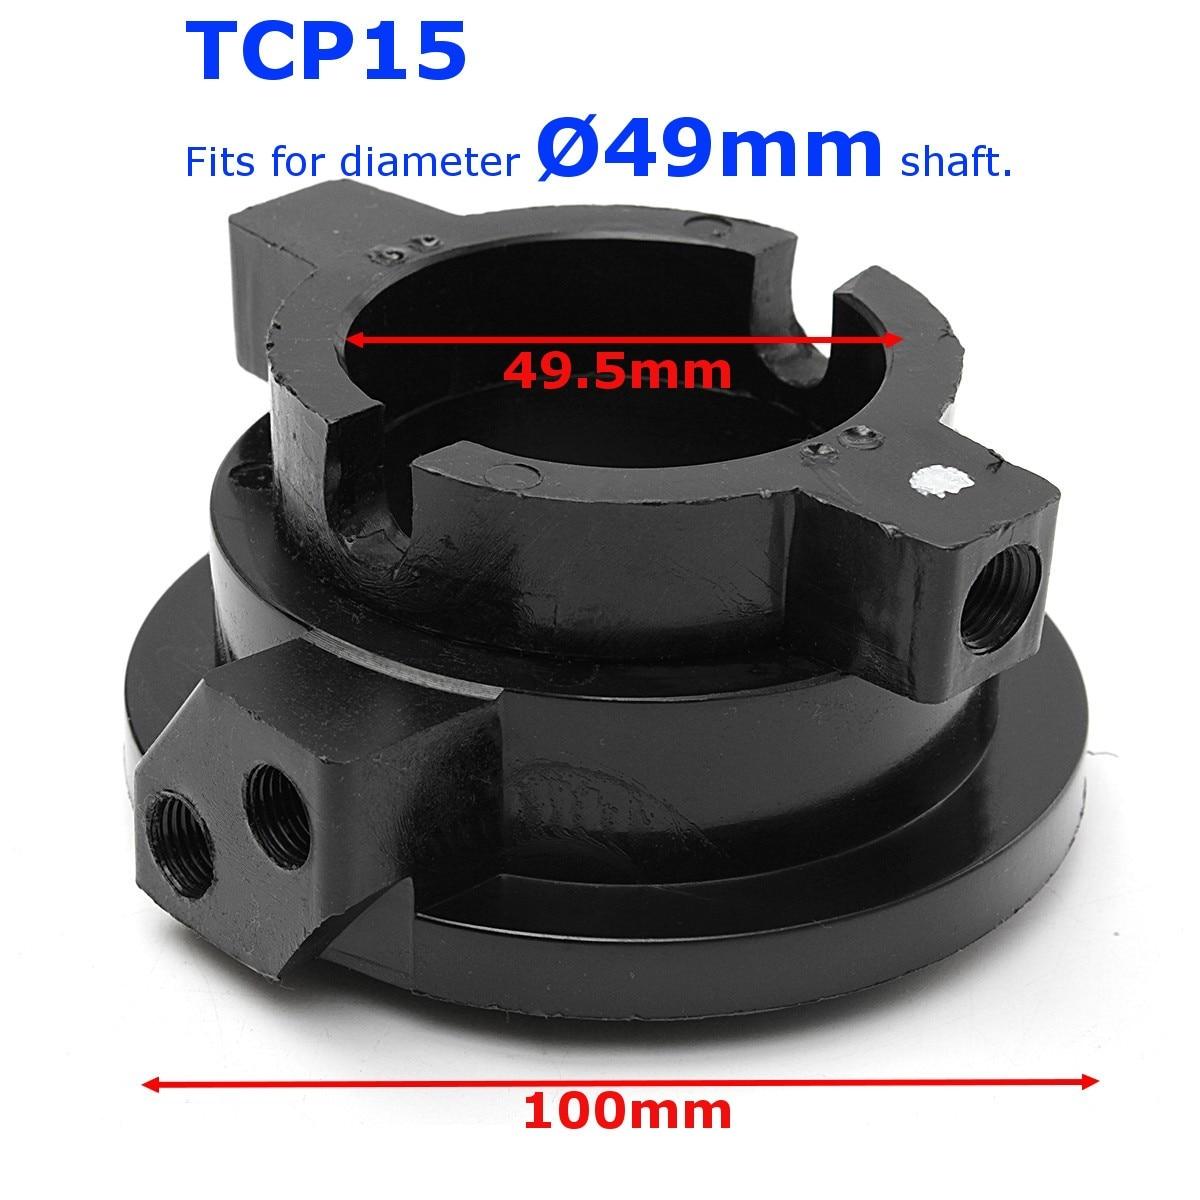 Pojazd samochodowy opony zmieniarka do opon obrotowy łącznik sprzęgający zawór powietrza TCP15